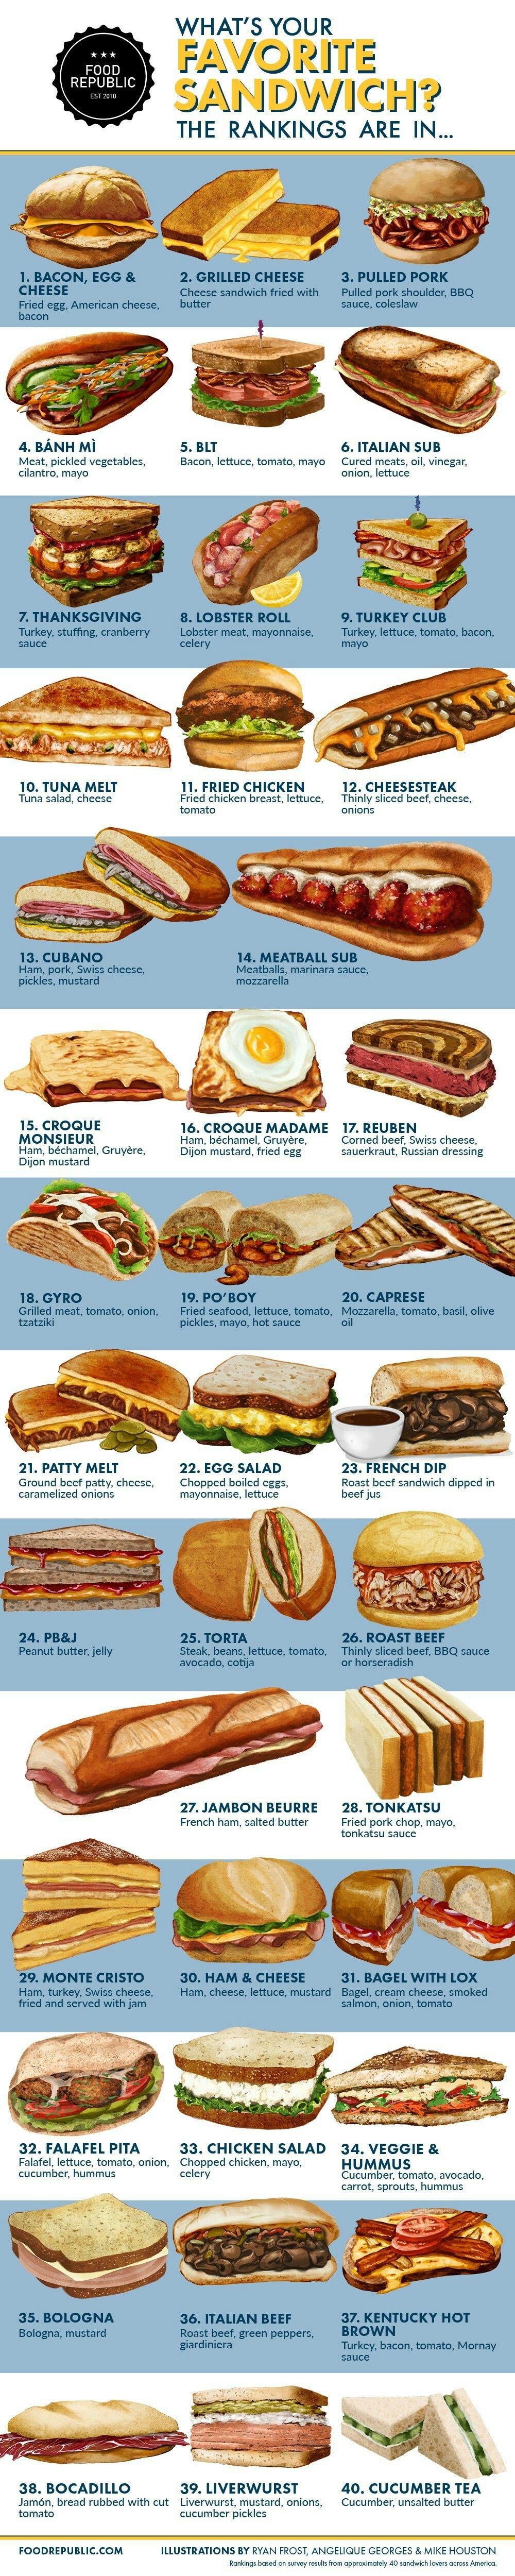 40 Best Sandwiches Ranked